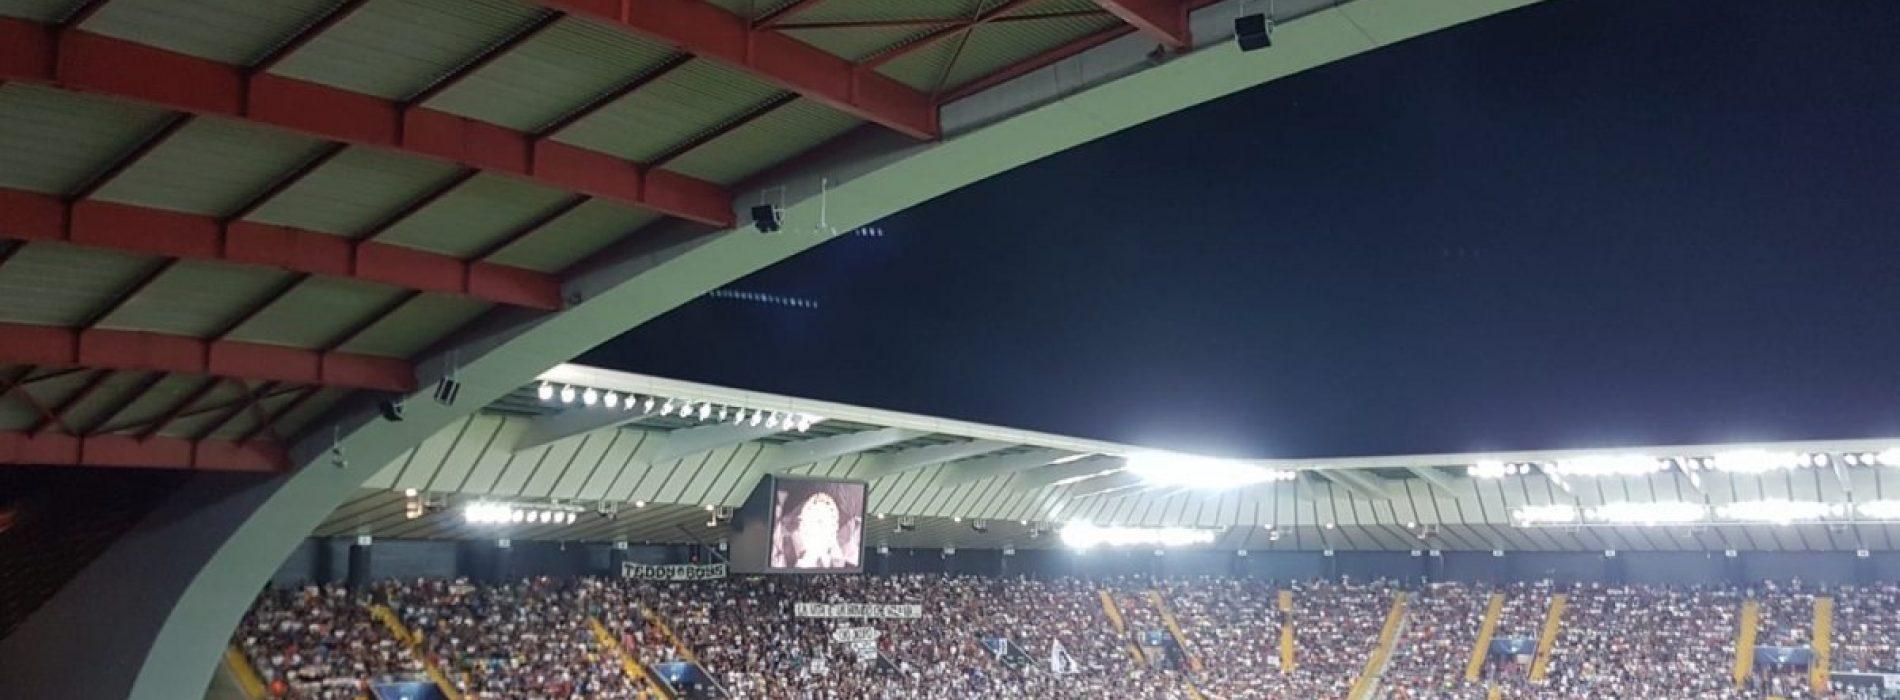 Udinese – Spal a reti inviolate, Musso para un rigore nel recupero a Petagna